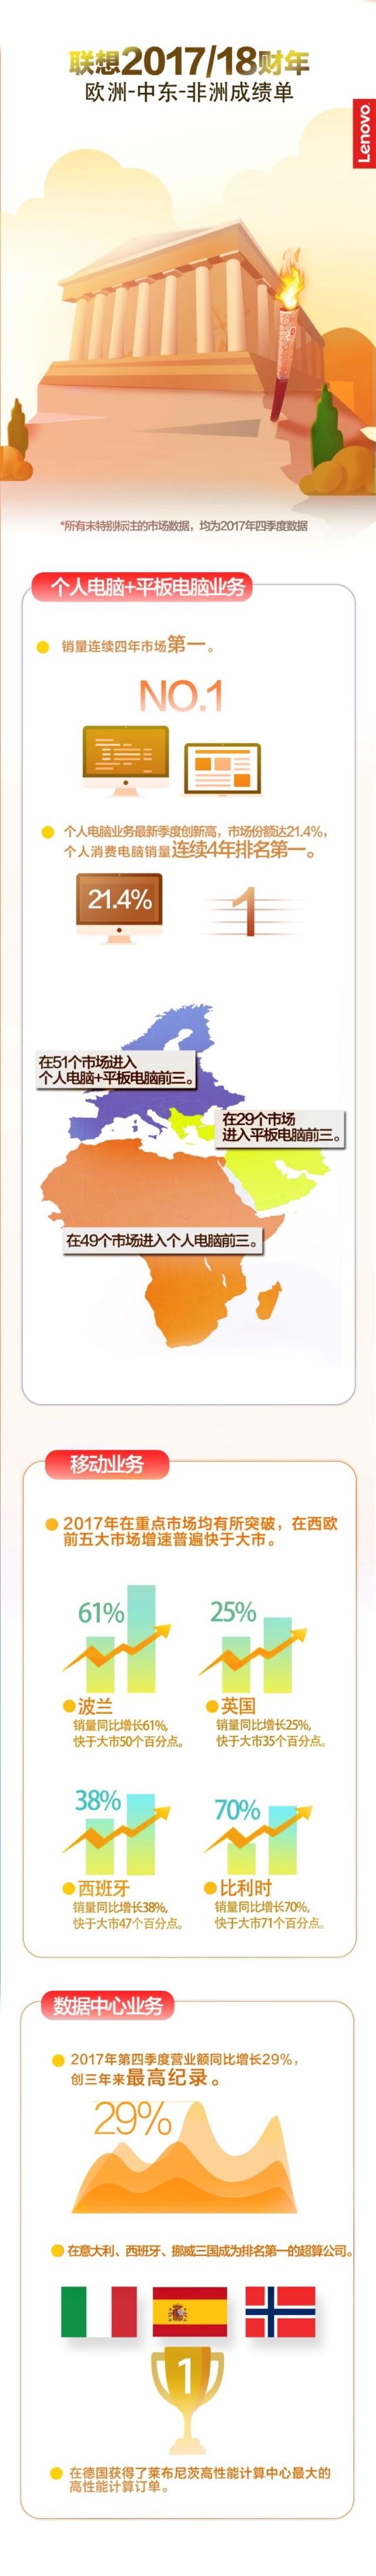 """联想2018誓师大会雅典站:杨元庆喊话""""发力五个连接,拥抱智能未来"""""""